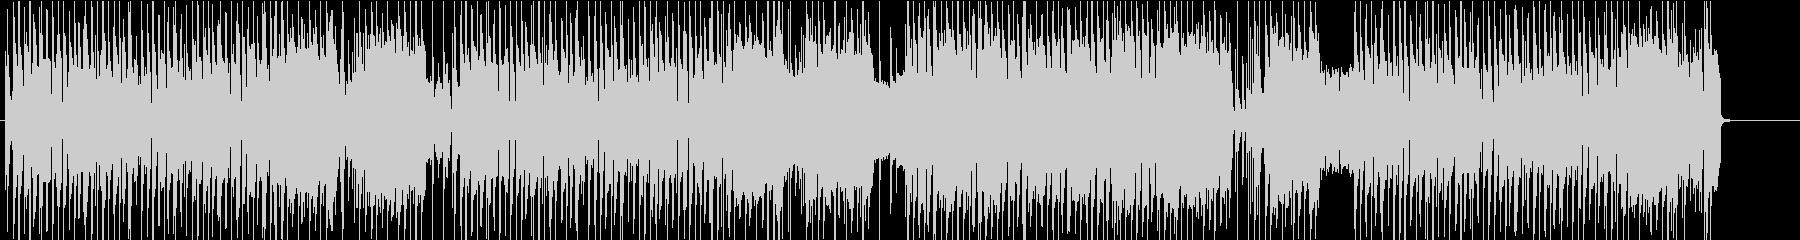 ノリノリなギターロックの未再生の波形